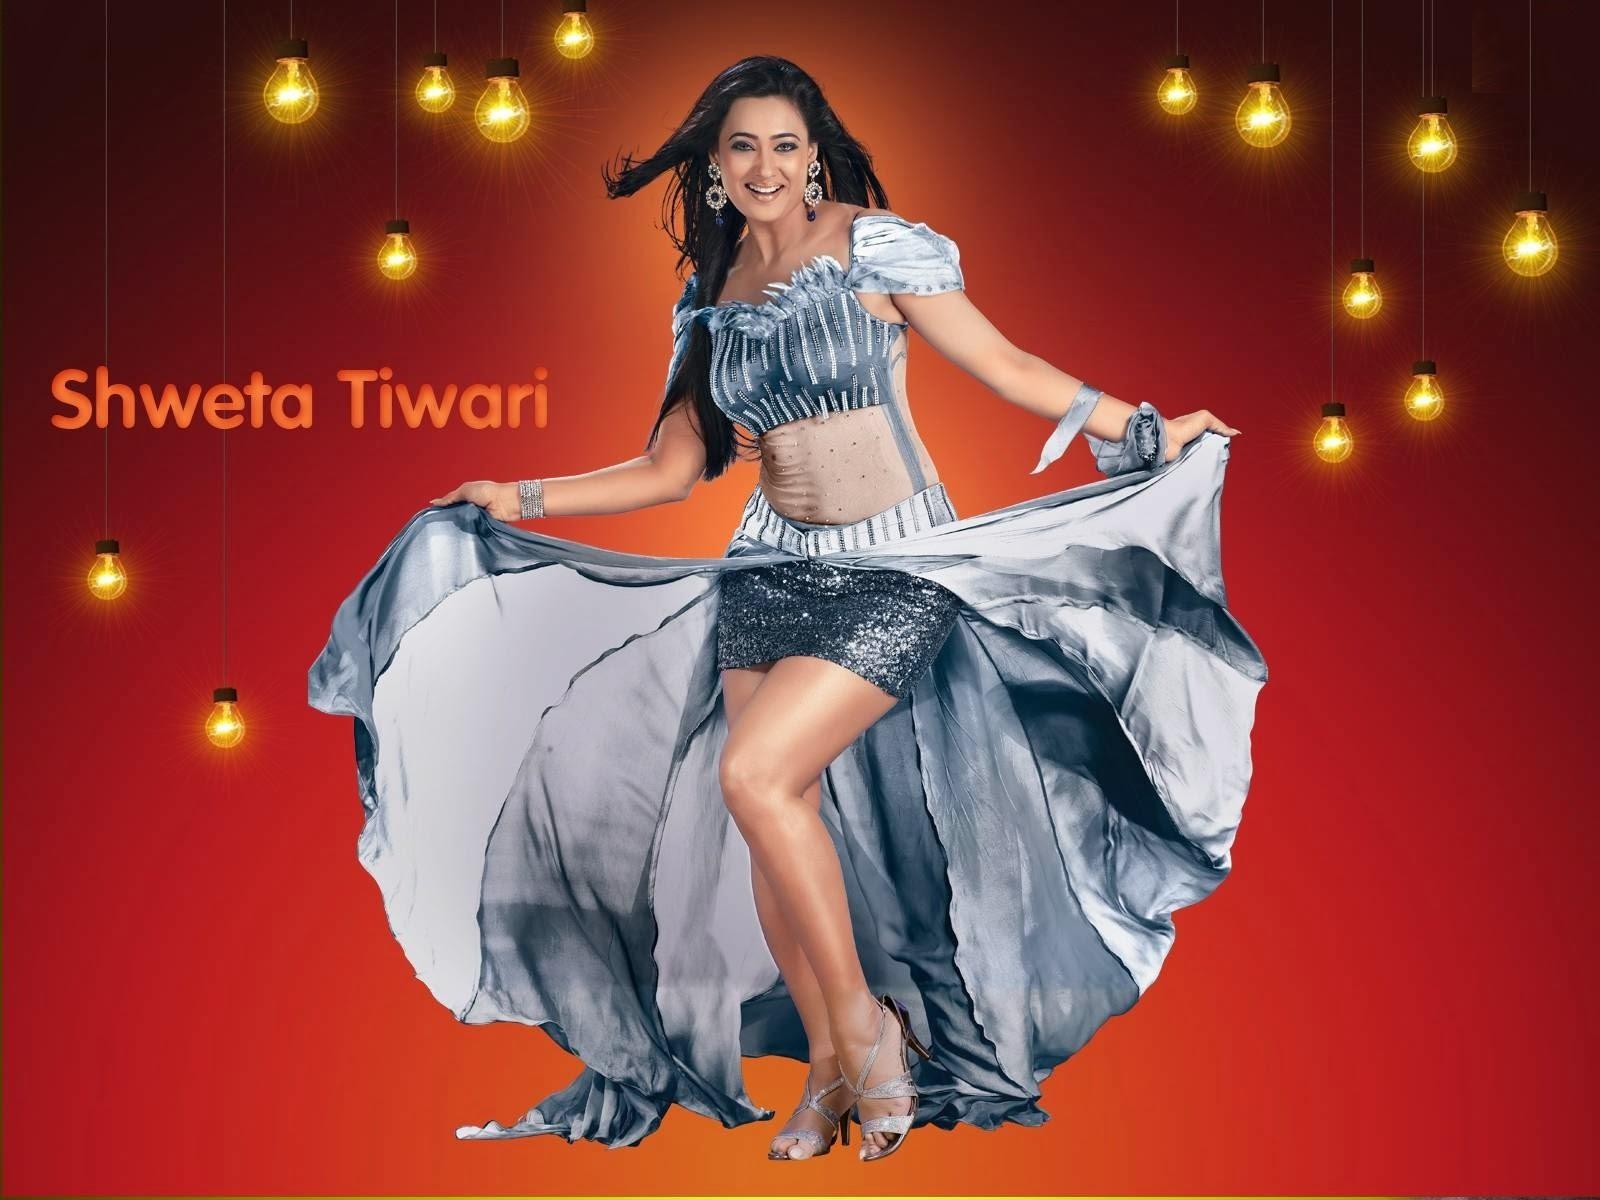 Shweta Tiwari HD Wallpapers Free Download